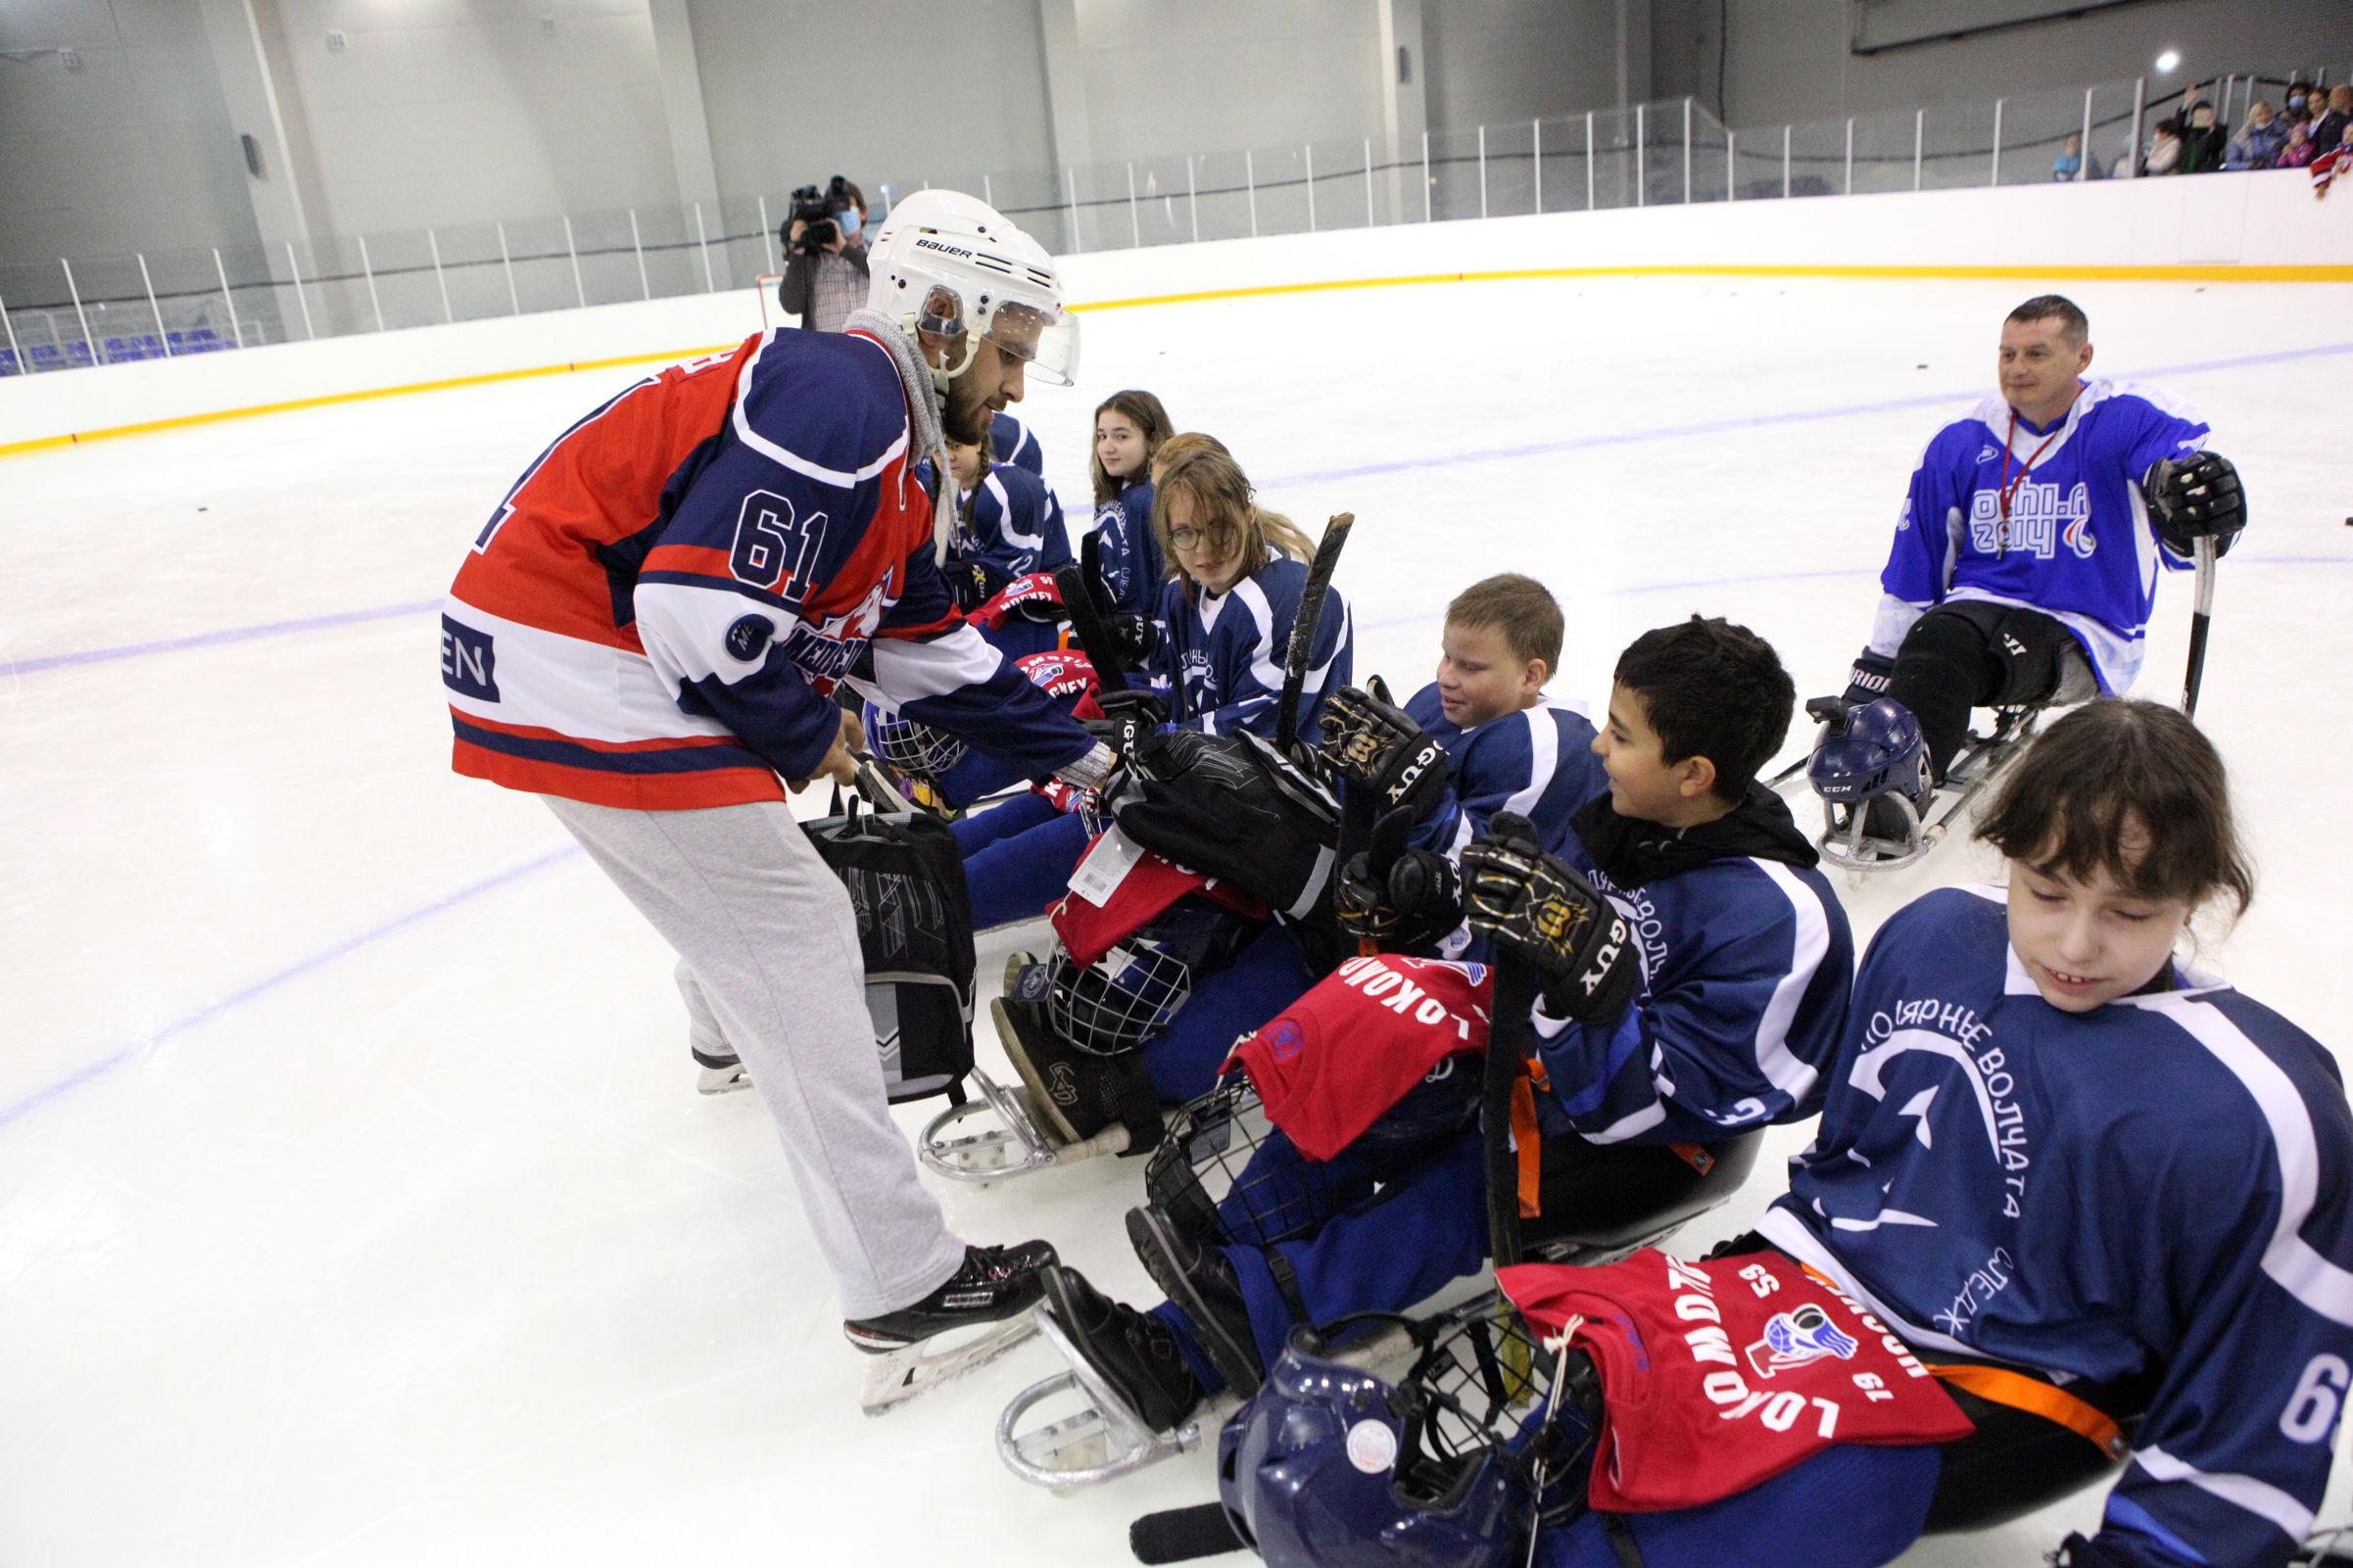 Свобода и радость на льду. В Ярославской области прошла тренировка по следж-хоккею